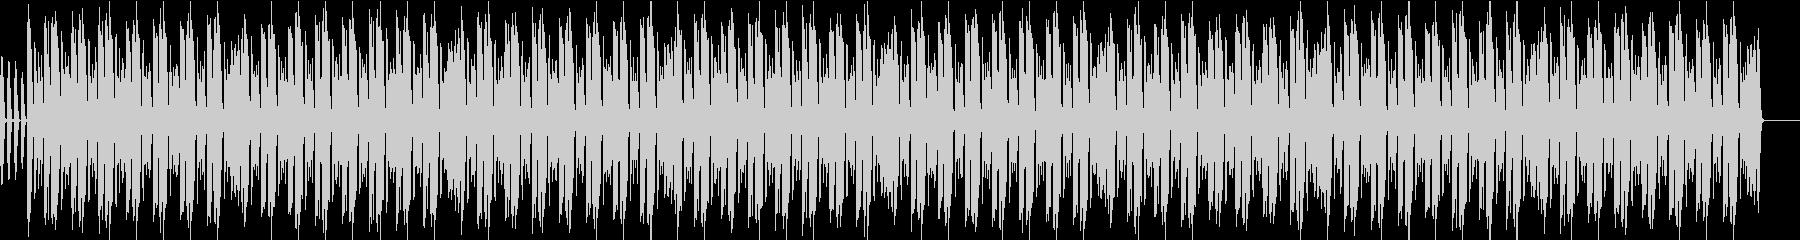 サイファービート7の未再生の波形